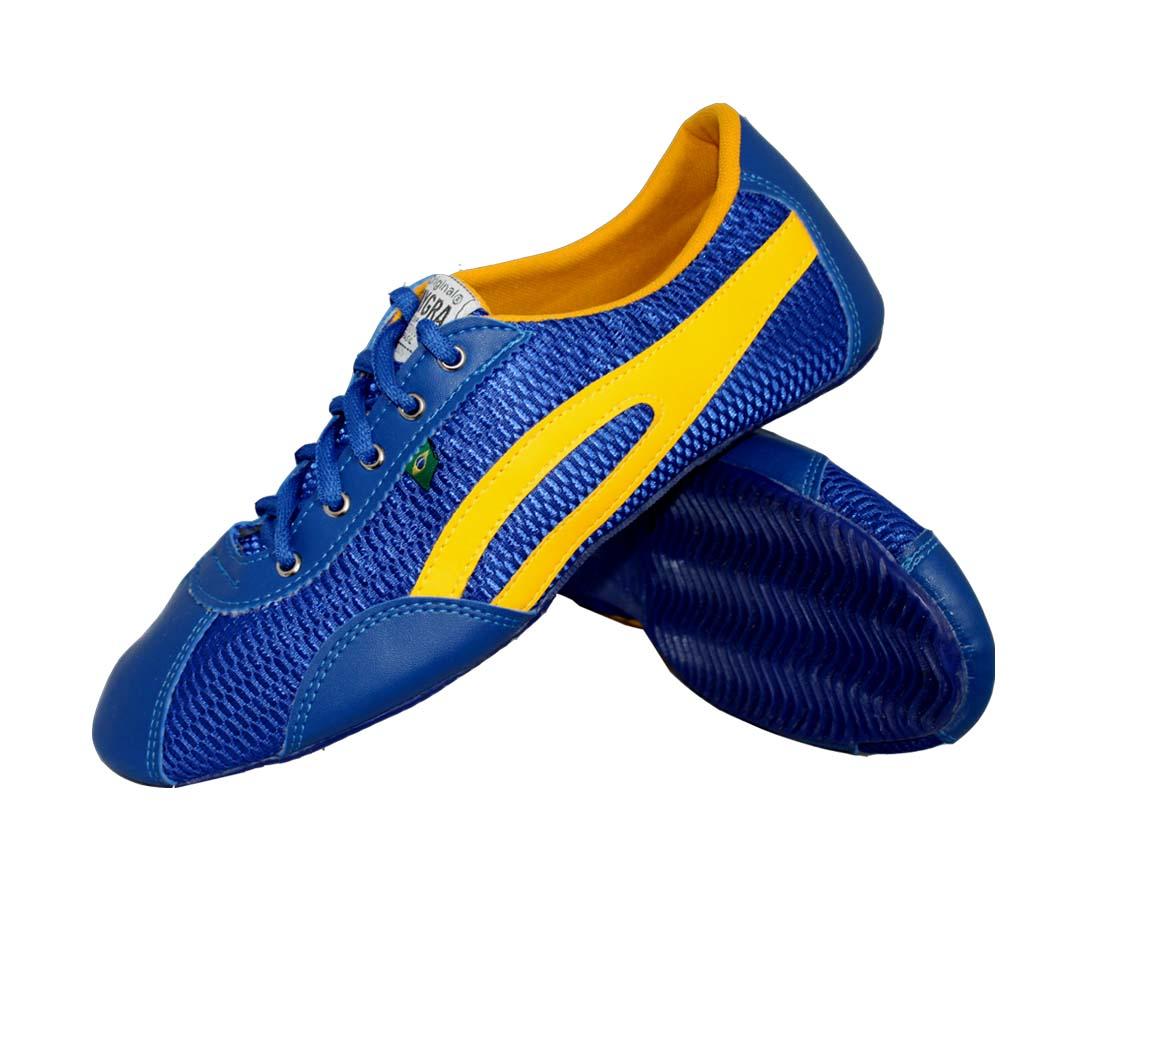 Chaussure Taygra Slim Bleue/Jaune